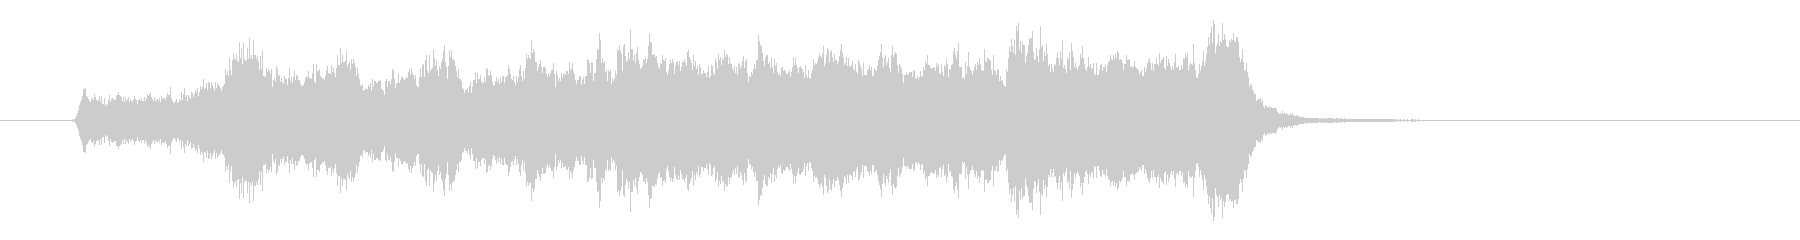 爽やかなオーケストラファンファーレの未再生の波形